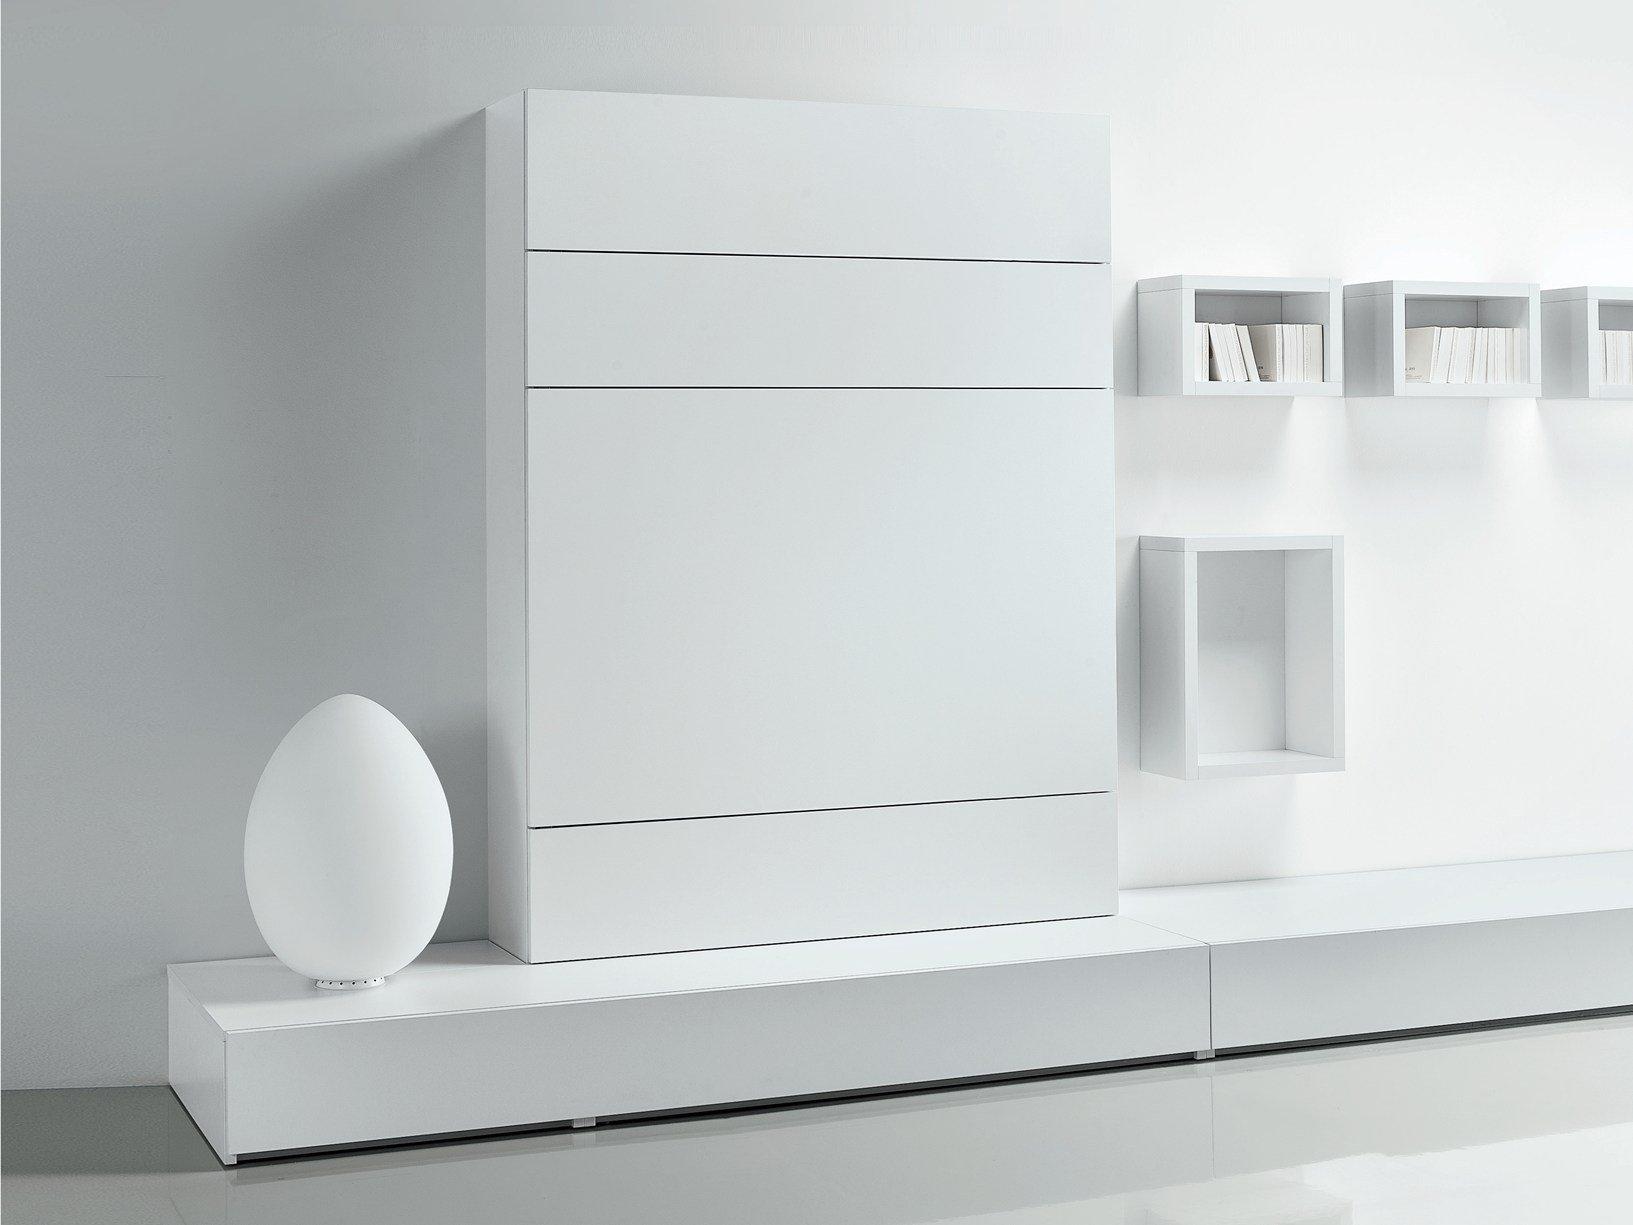 Le soluzioni trasformabili di erba mobili ai saloni 2013 for Migliori designer di mobili italiani